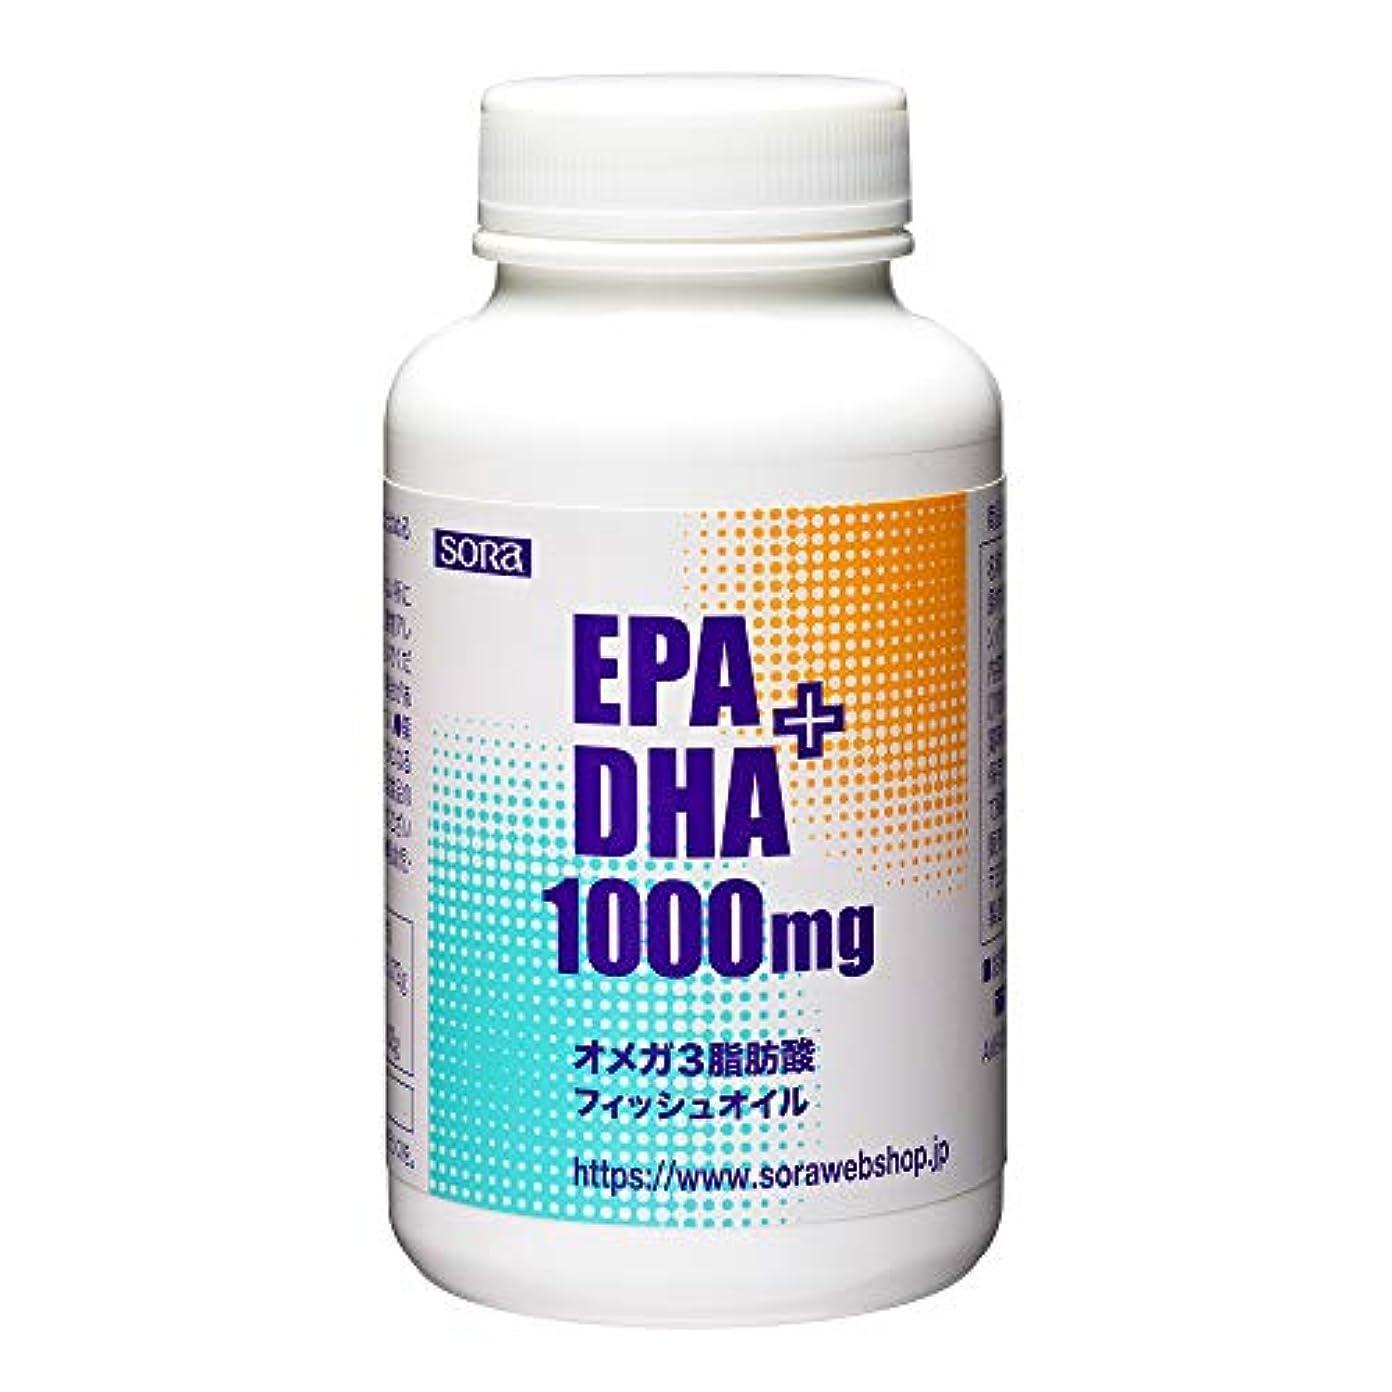 アクセシブルインフルエンザ装置そら EPA+DHA 1000mg (魚のオイル オメガ3 180粒入)